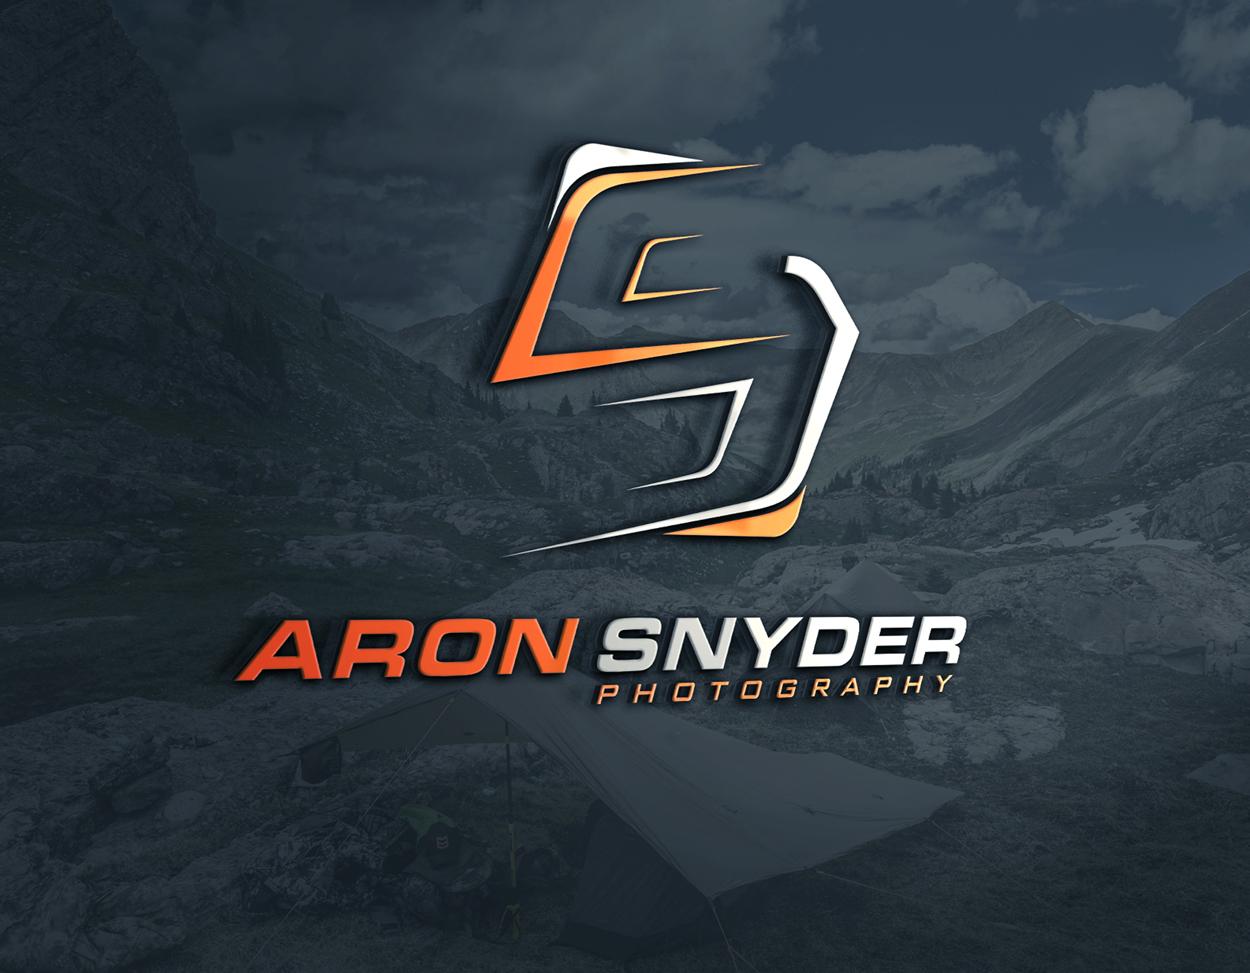 Aron Snyder Outdoor Photography Logo Design